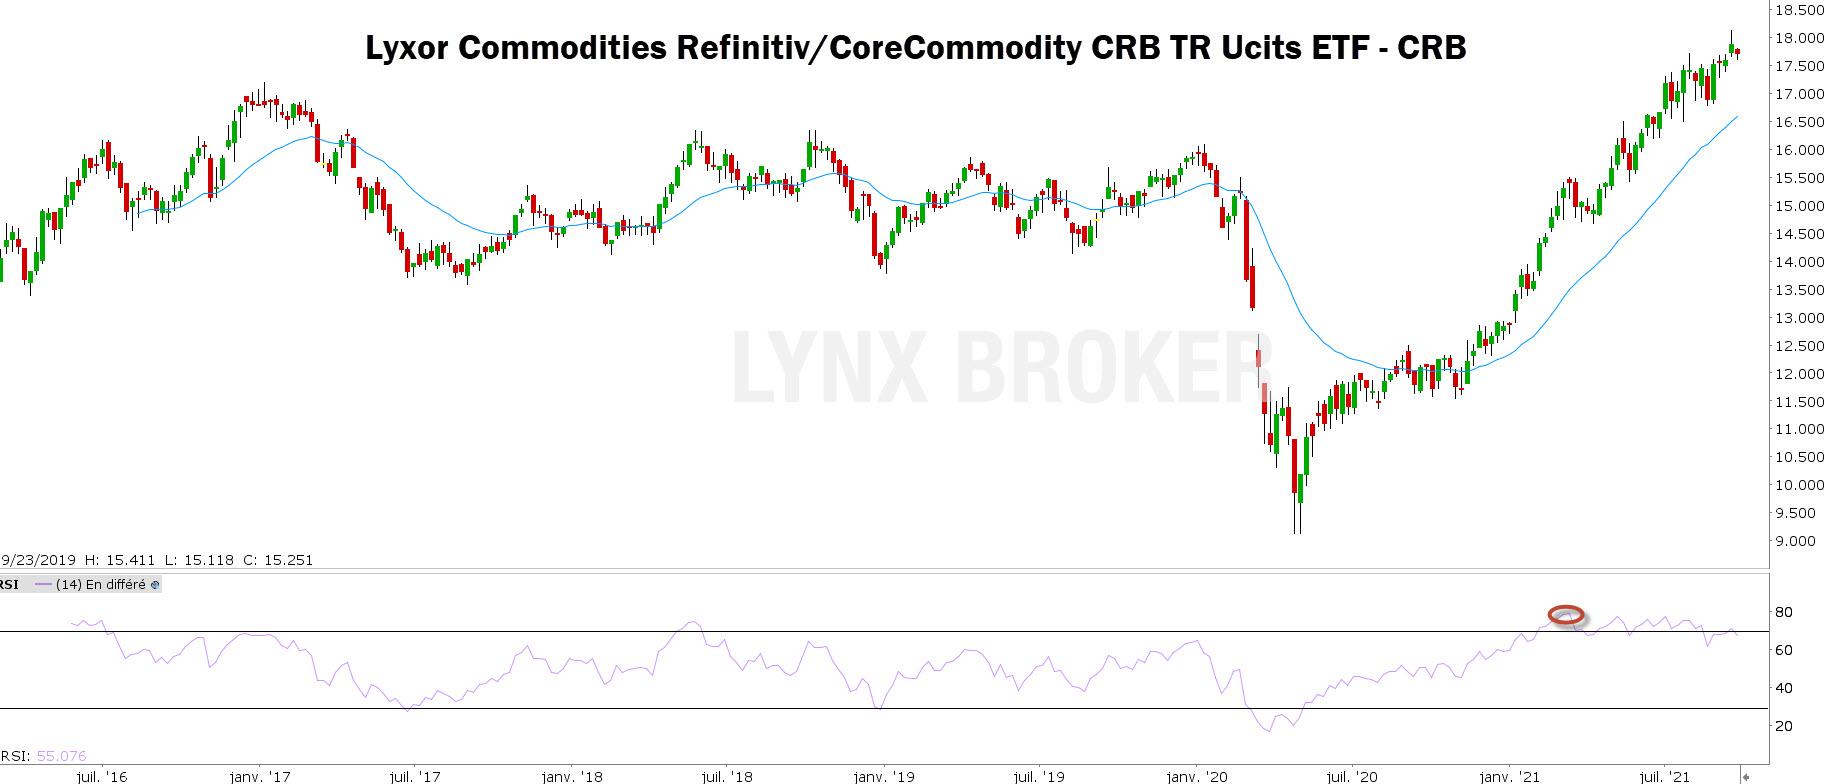 obligations - matières premières - graphique CRB avec RSI